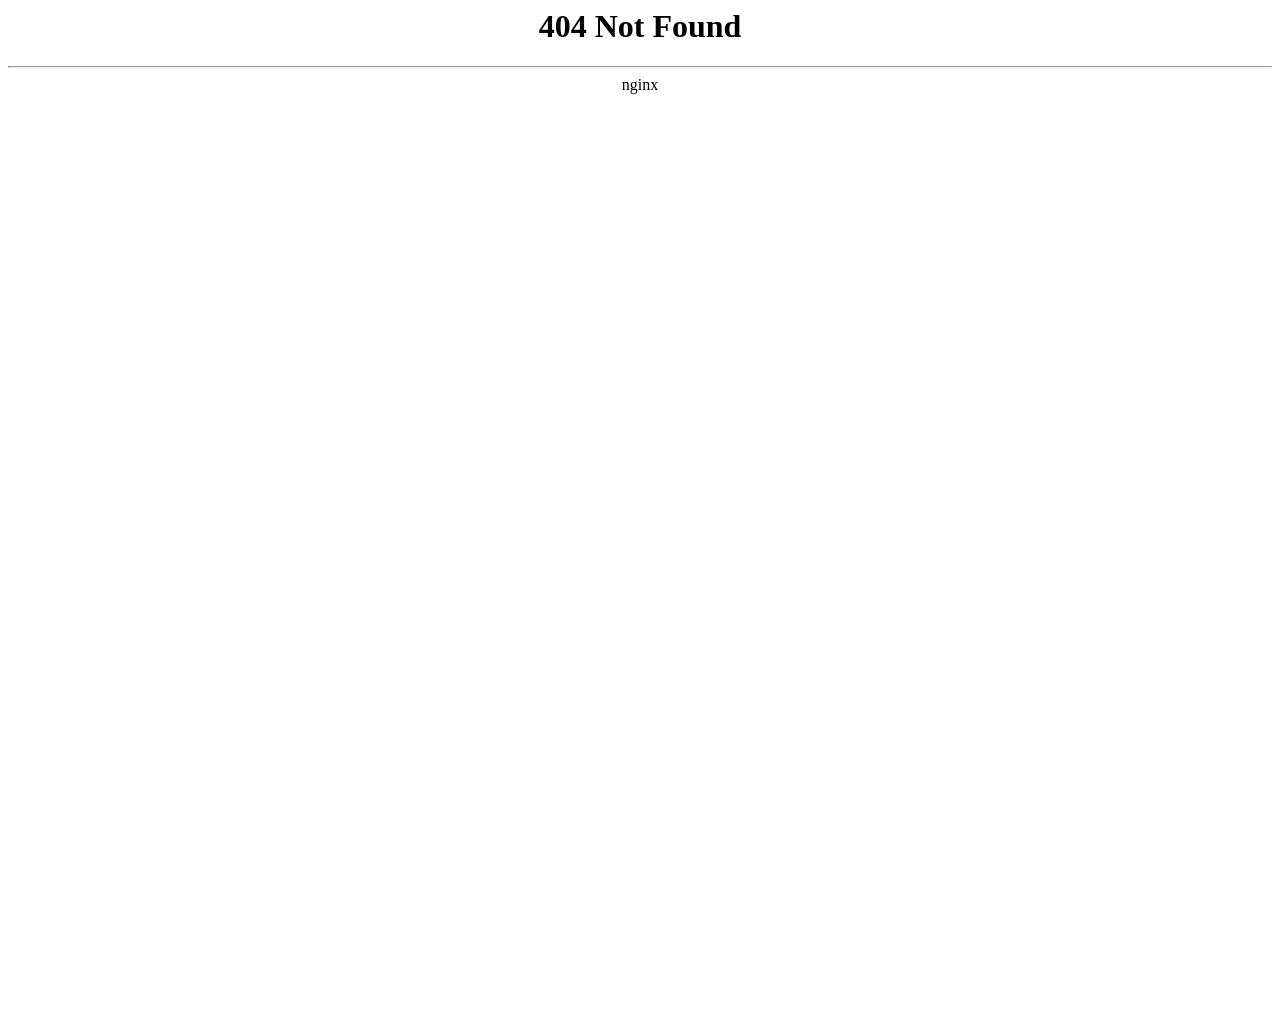 Freddy fit